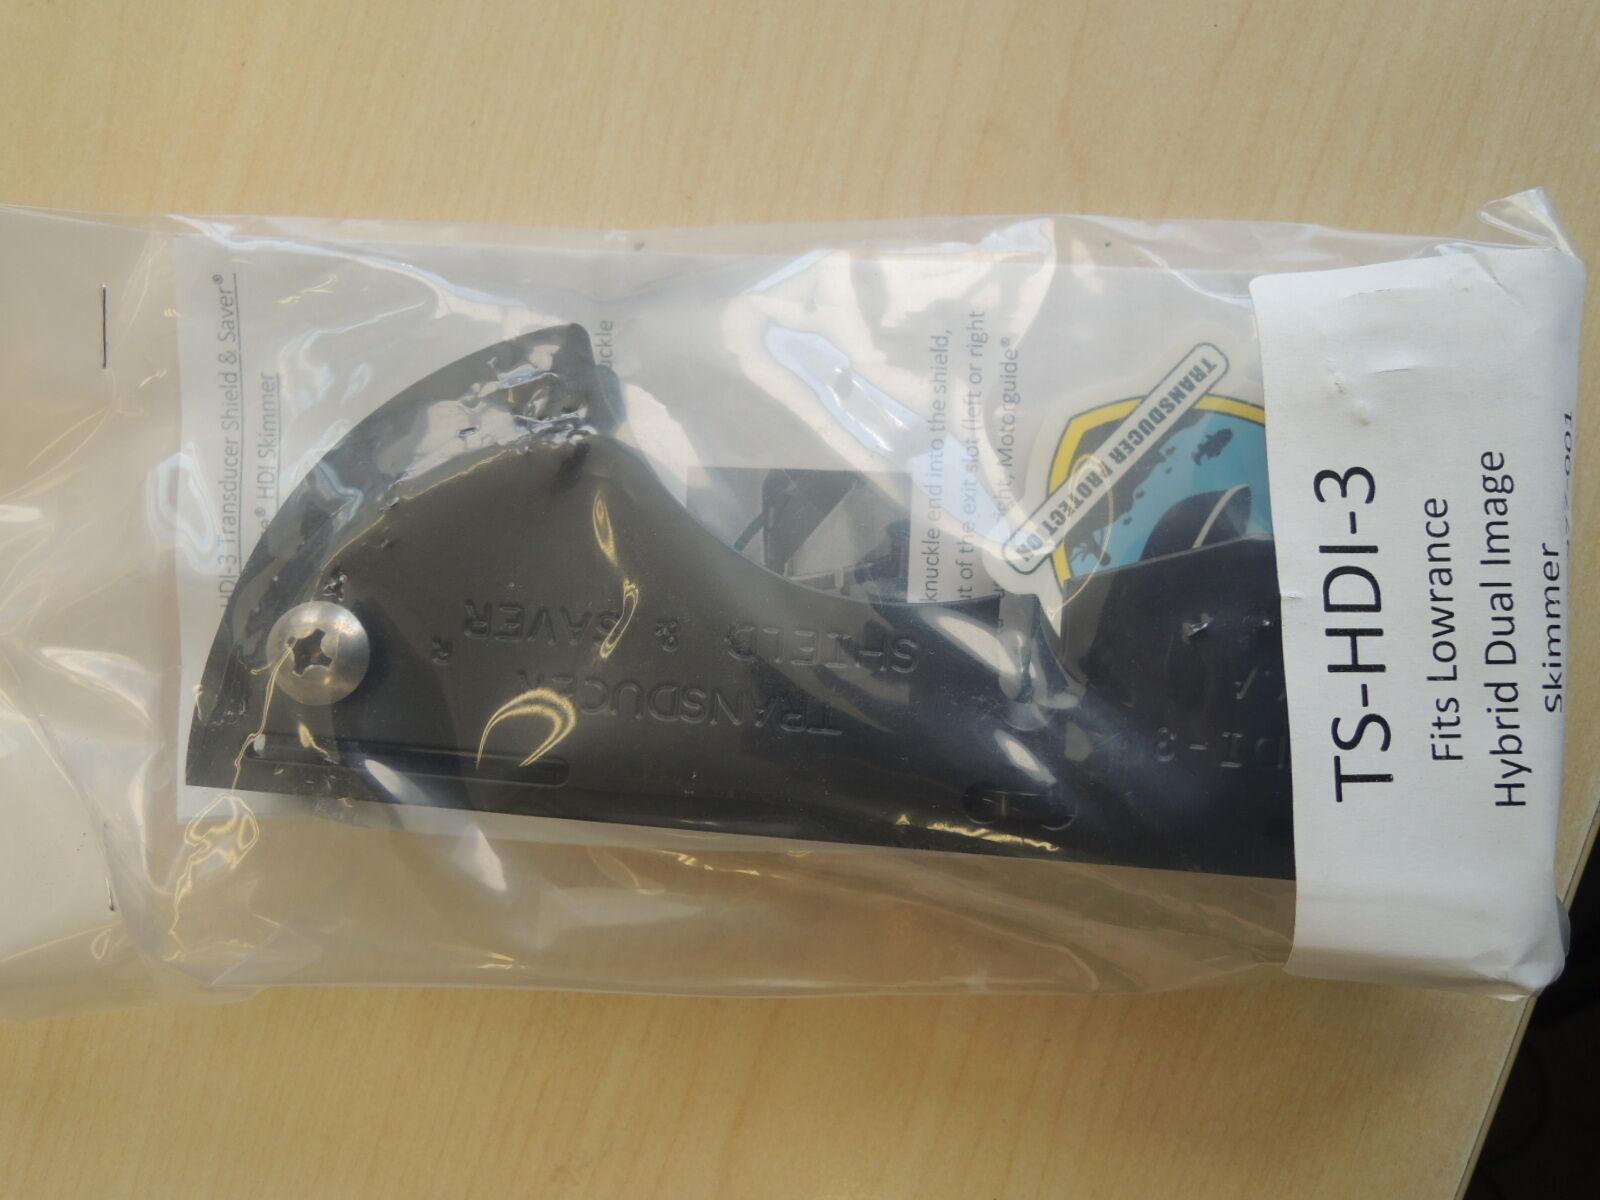 TRANSDUCER SHIELD & SAVER TS-HDI-3 TS-HDI-3 TS-HDI-3 Niedrigrance Elite HDI  Fish Finders 17bfba